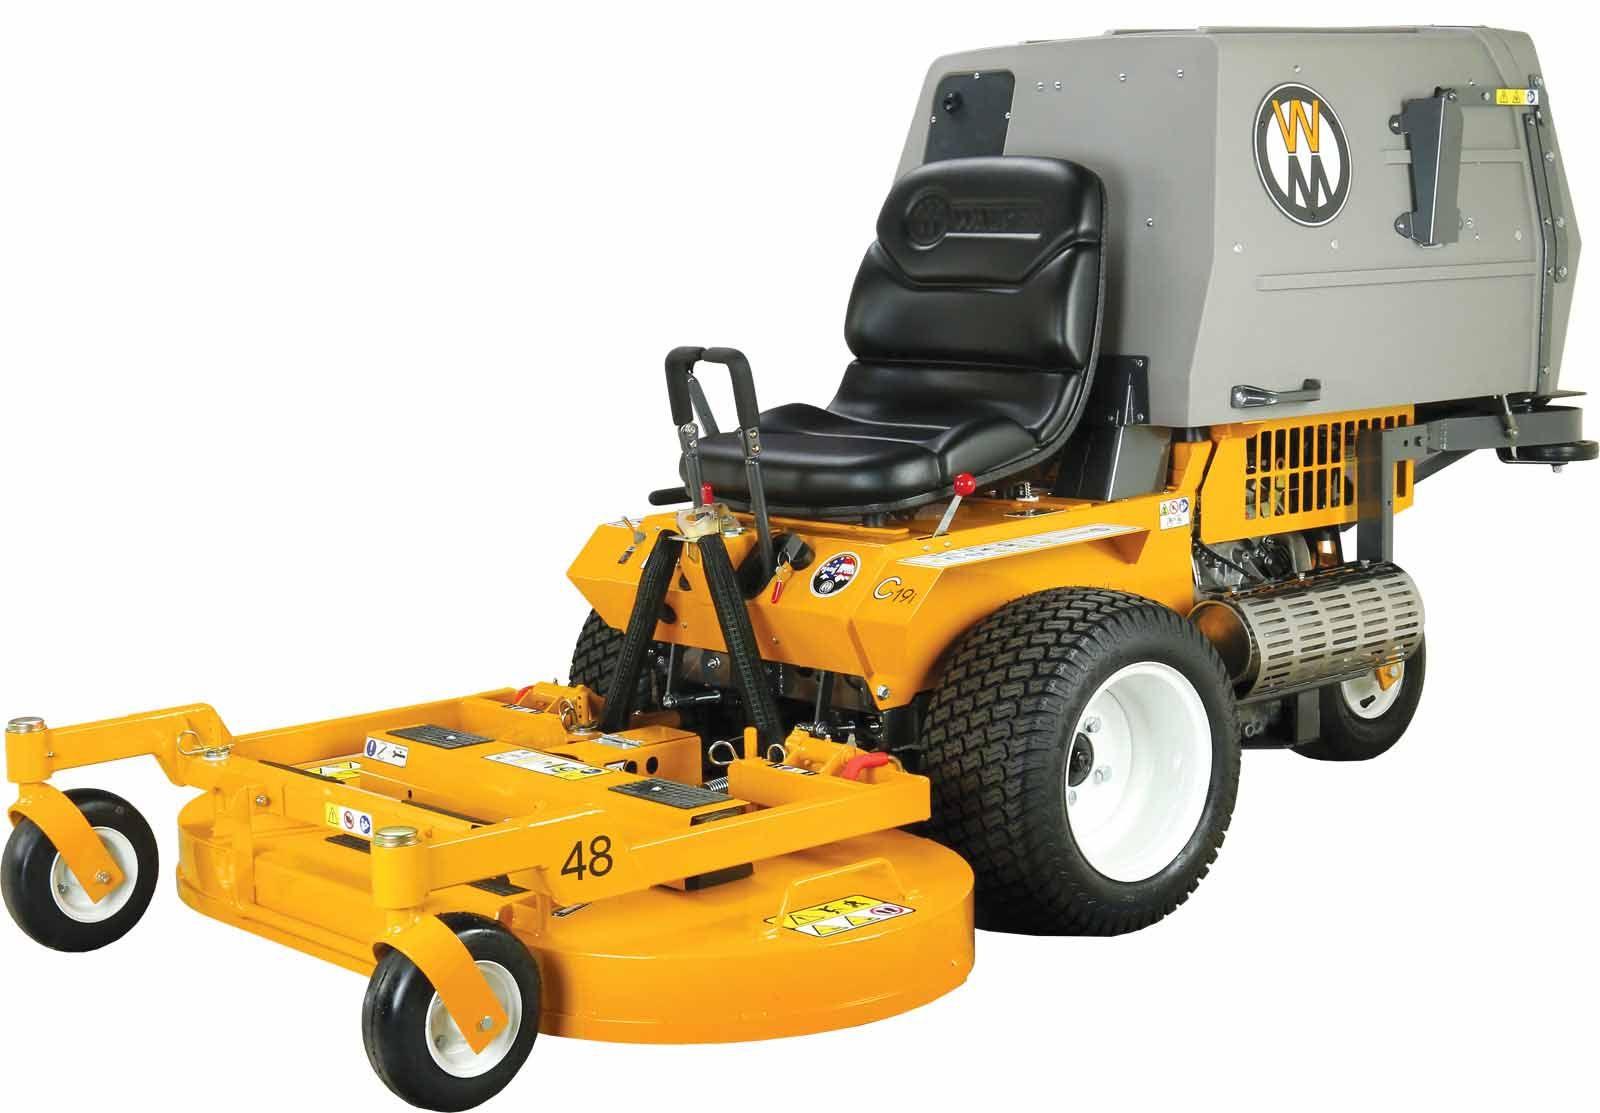 Walker Mowers MC19i Grass-Handling Gas EFI Mower 19HP